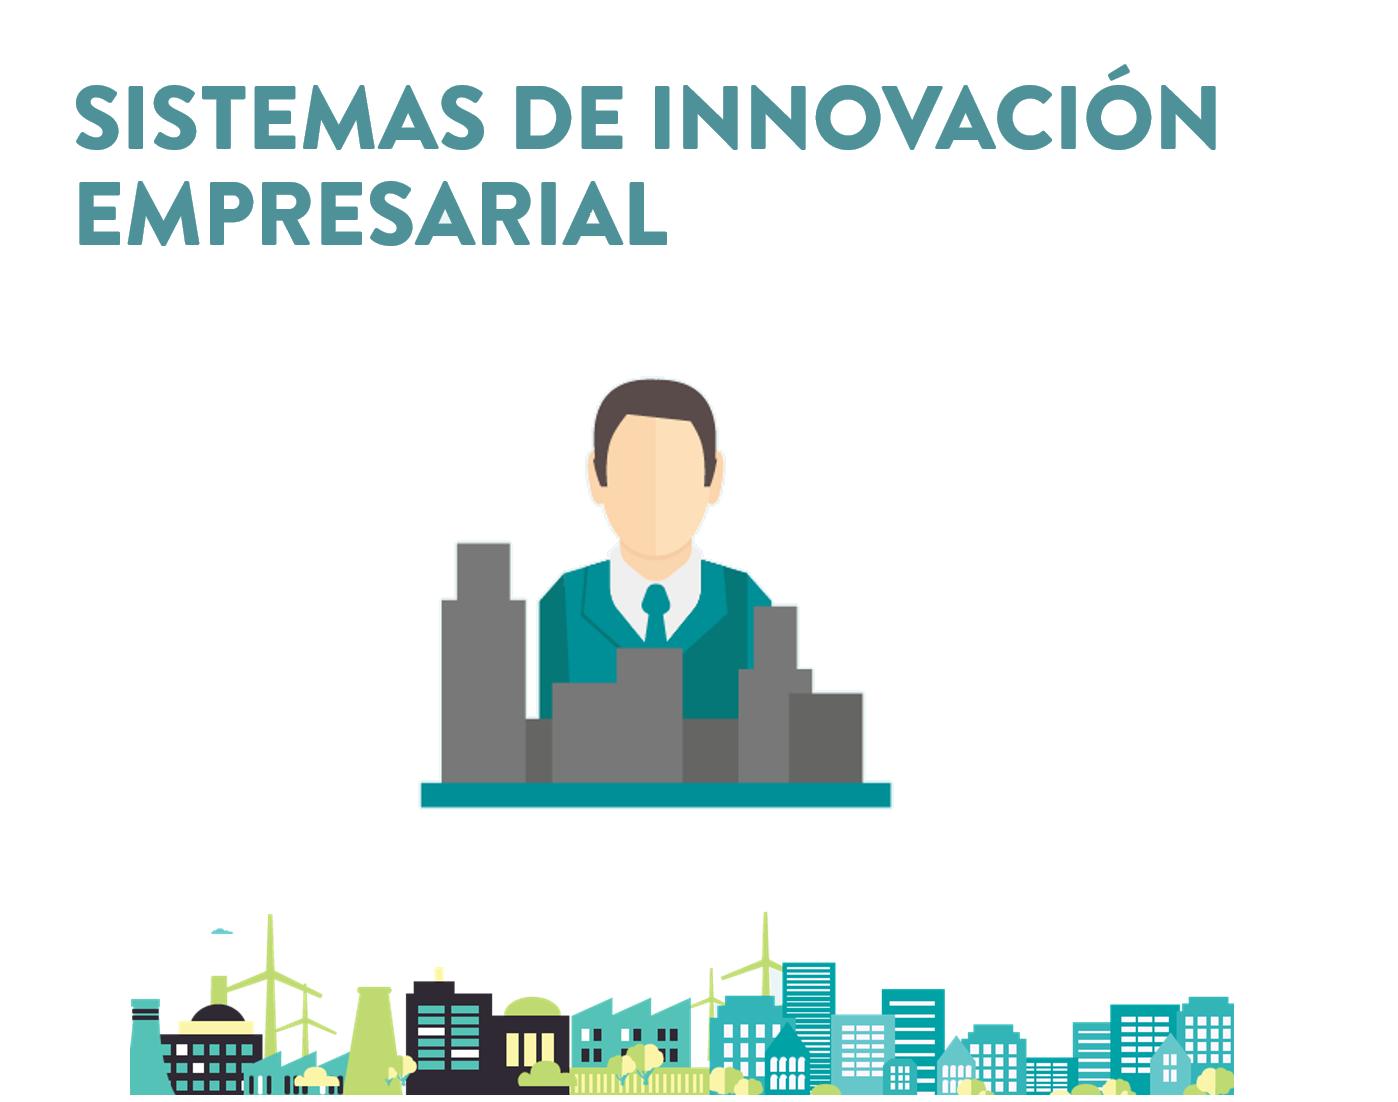 http://pactosporlainnovacion.colciencias.gov.co/wp-content/uploads/2016/11/Sistemas-3.png